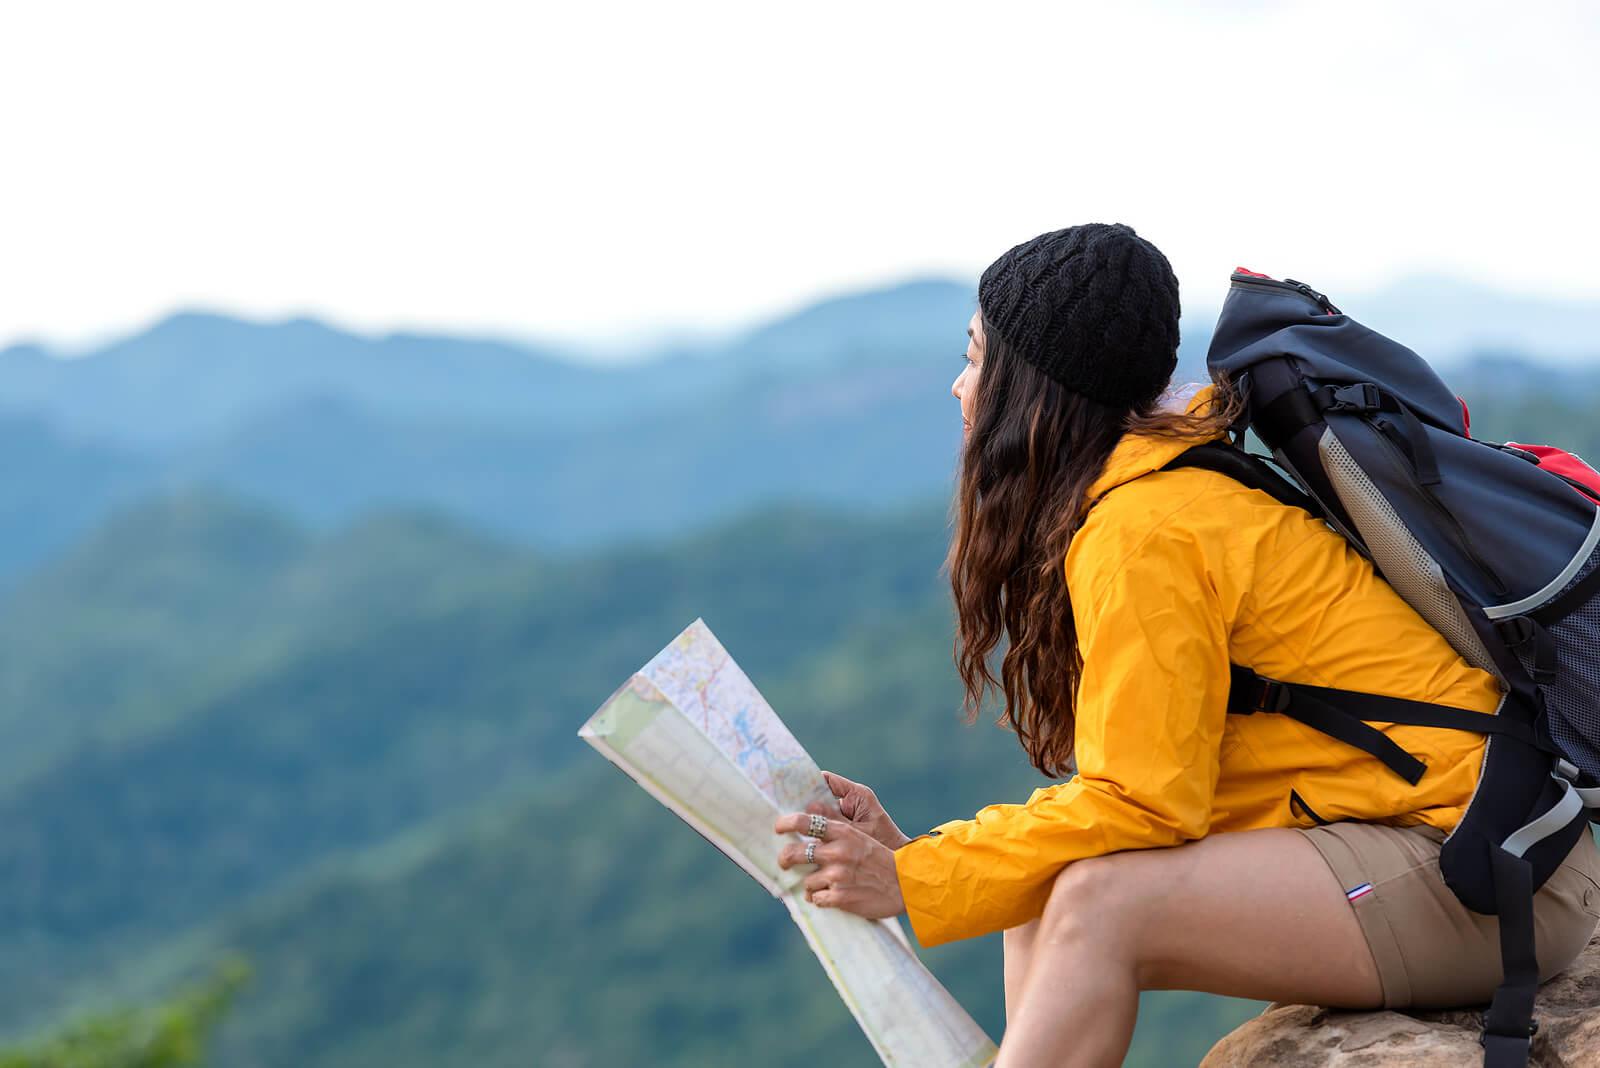 Chica de excursión en la montaña.